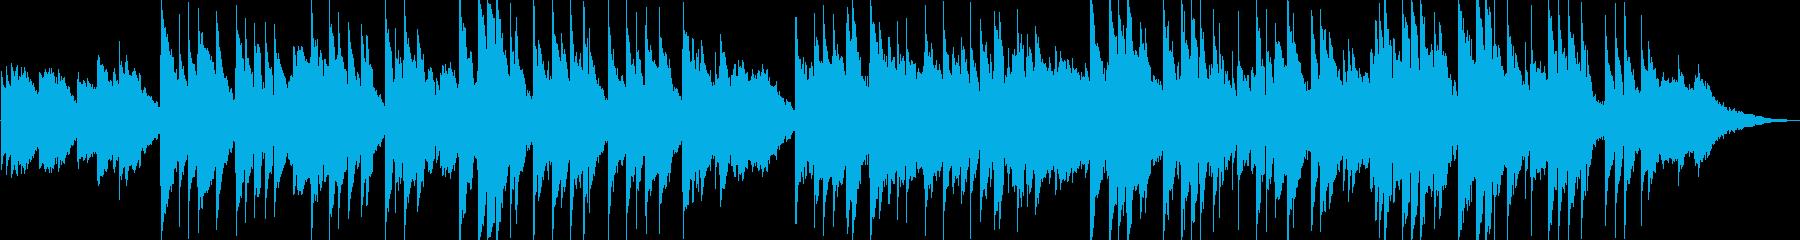 穏やかなリラクゼーションミュージックの再生済みの波形